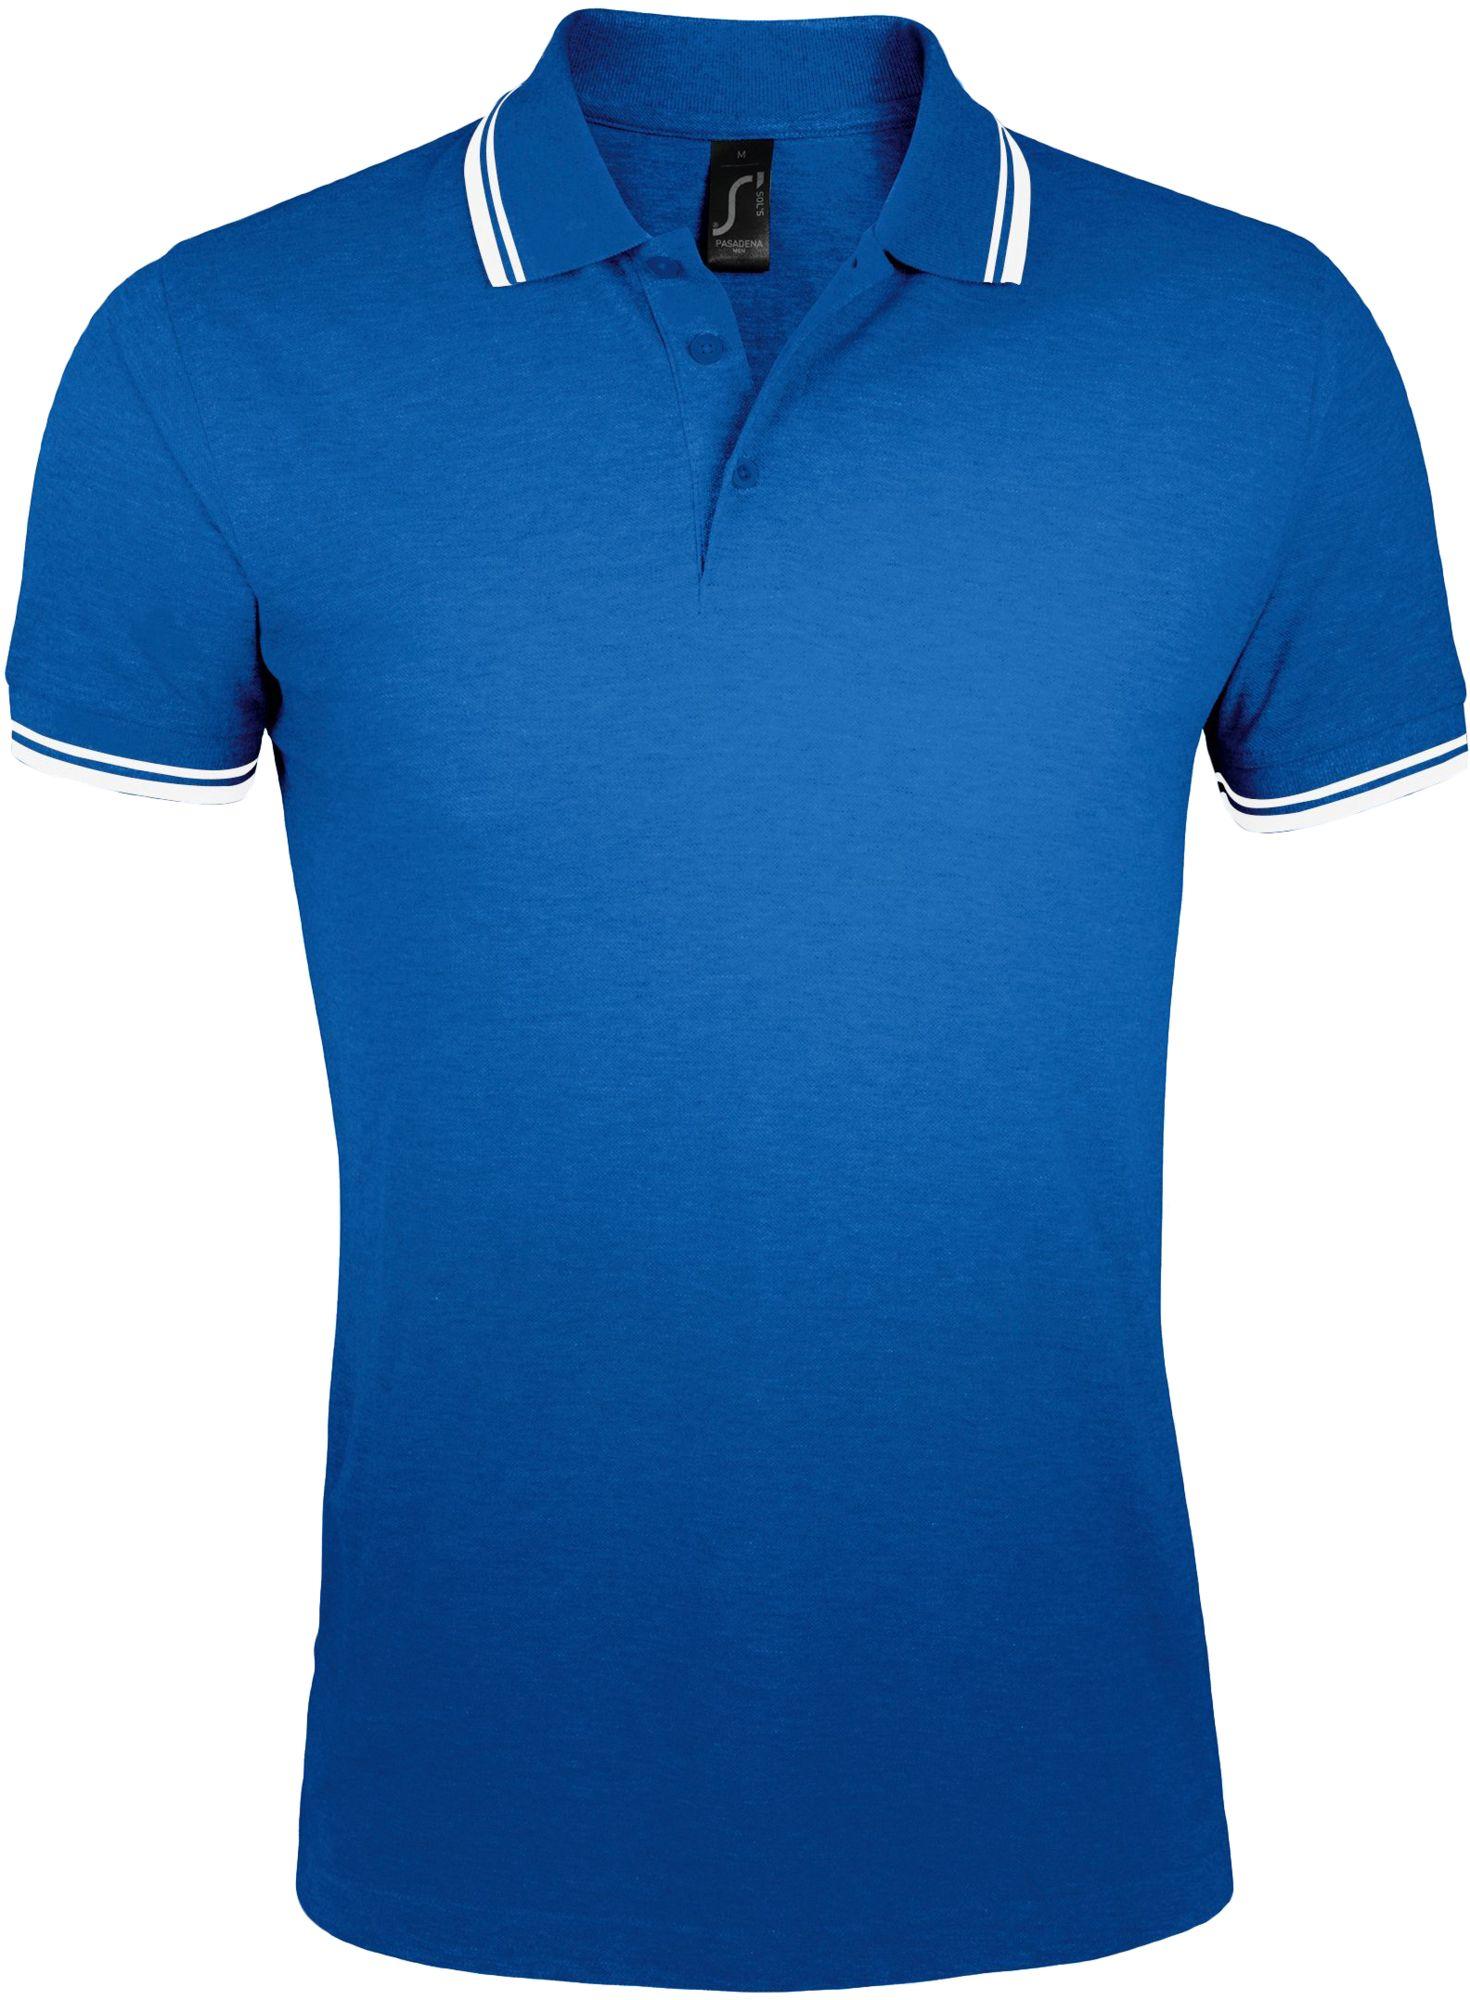 Рубашка поло мужская PASADENA MEN 200, ярко-синяя с белым